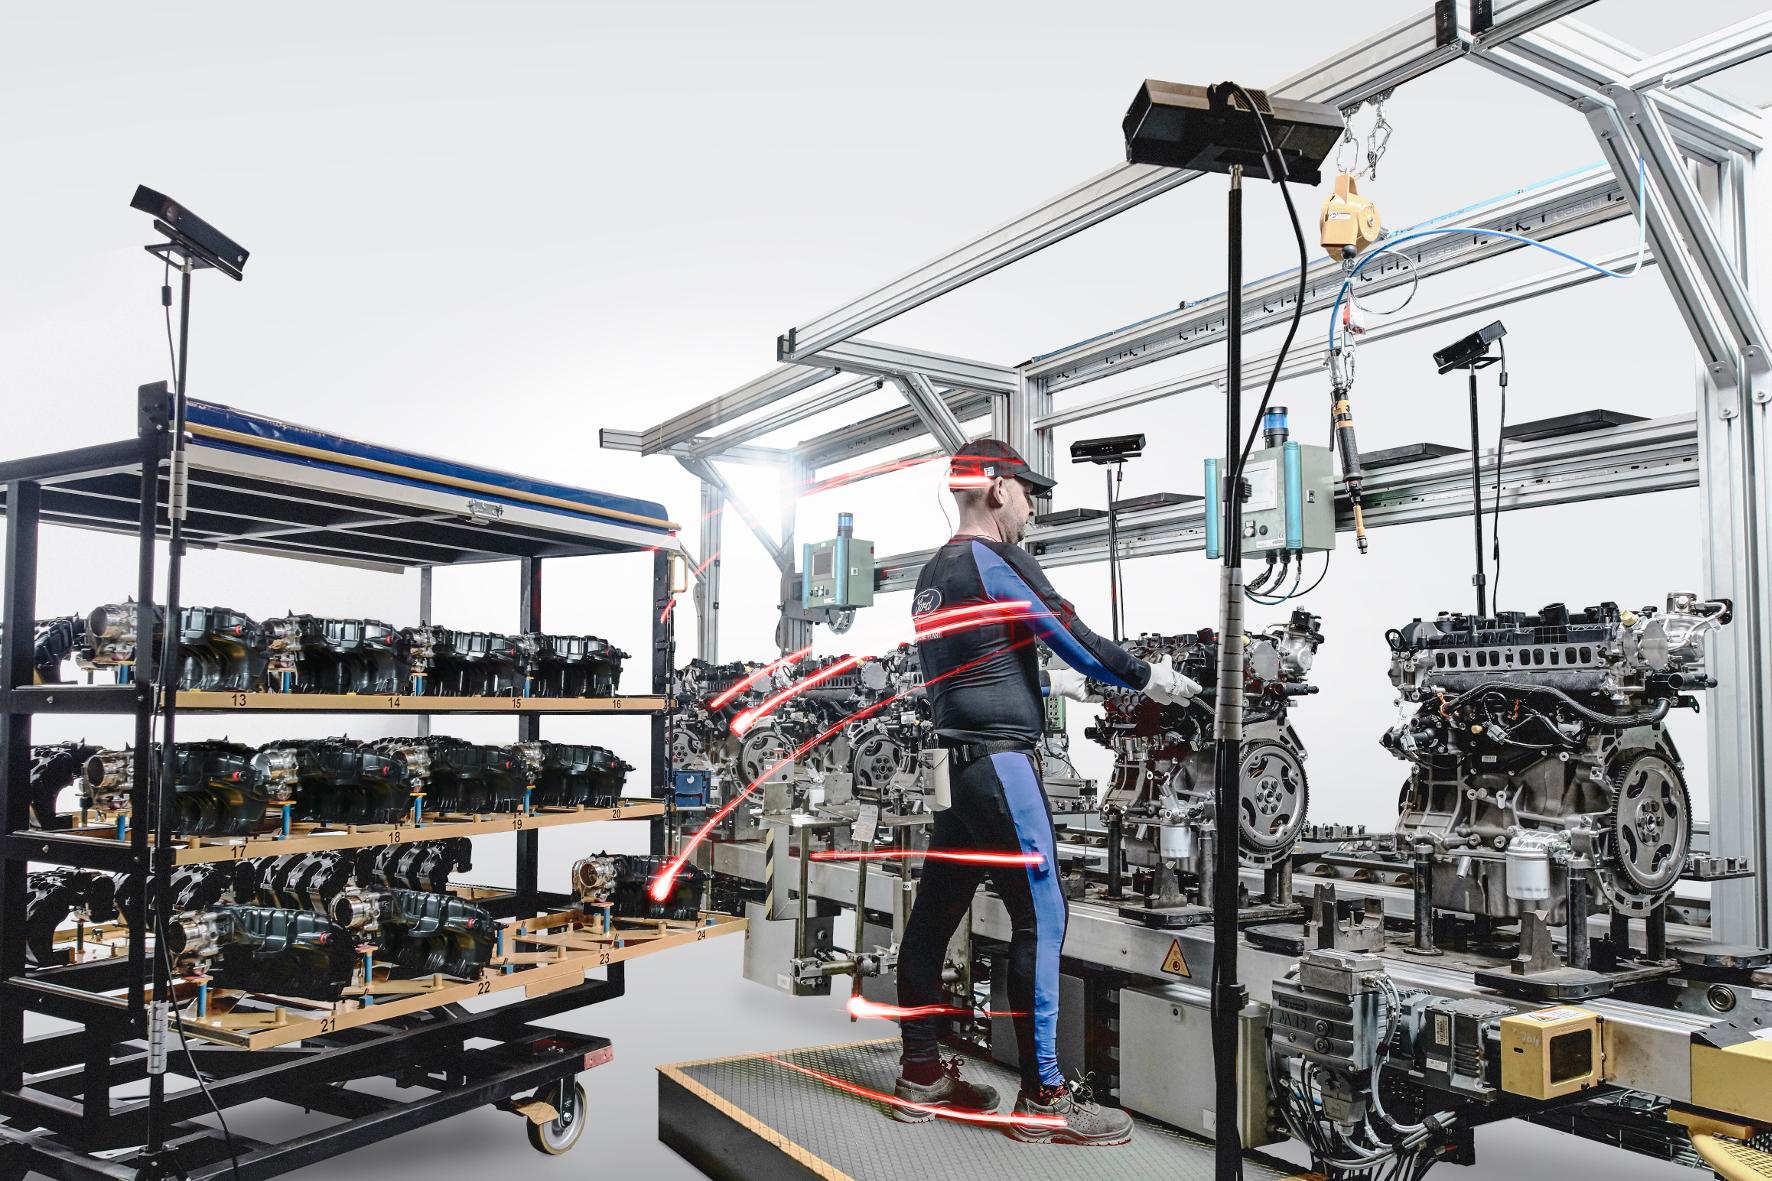 Im Daten sammelnden Hightech-Anzug Autos bauen